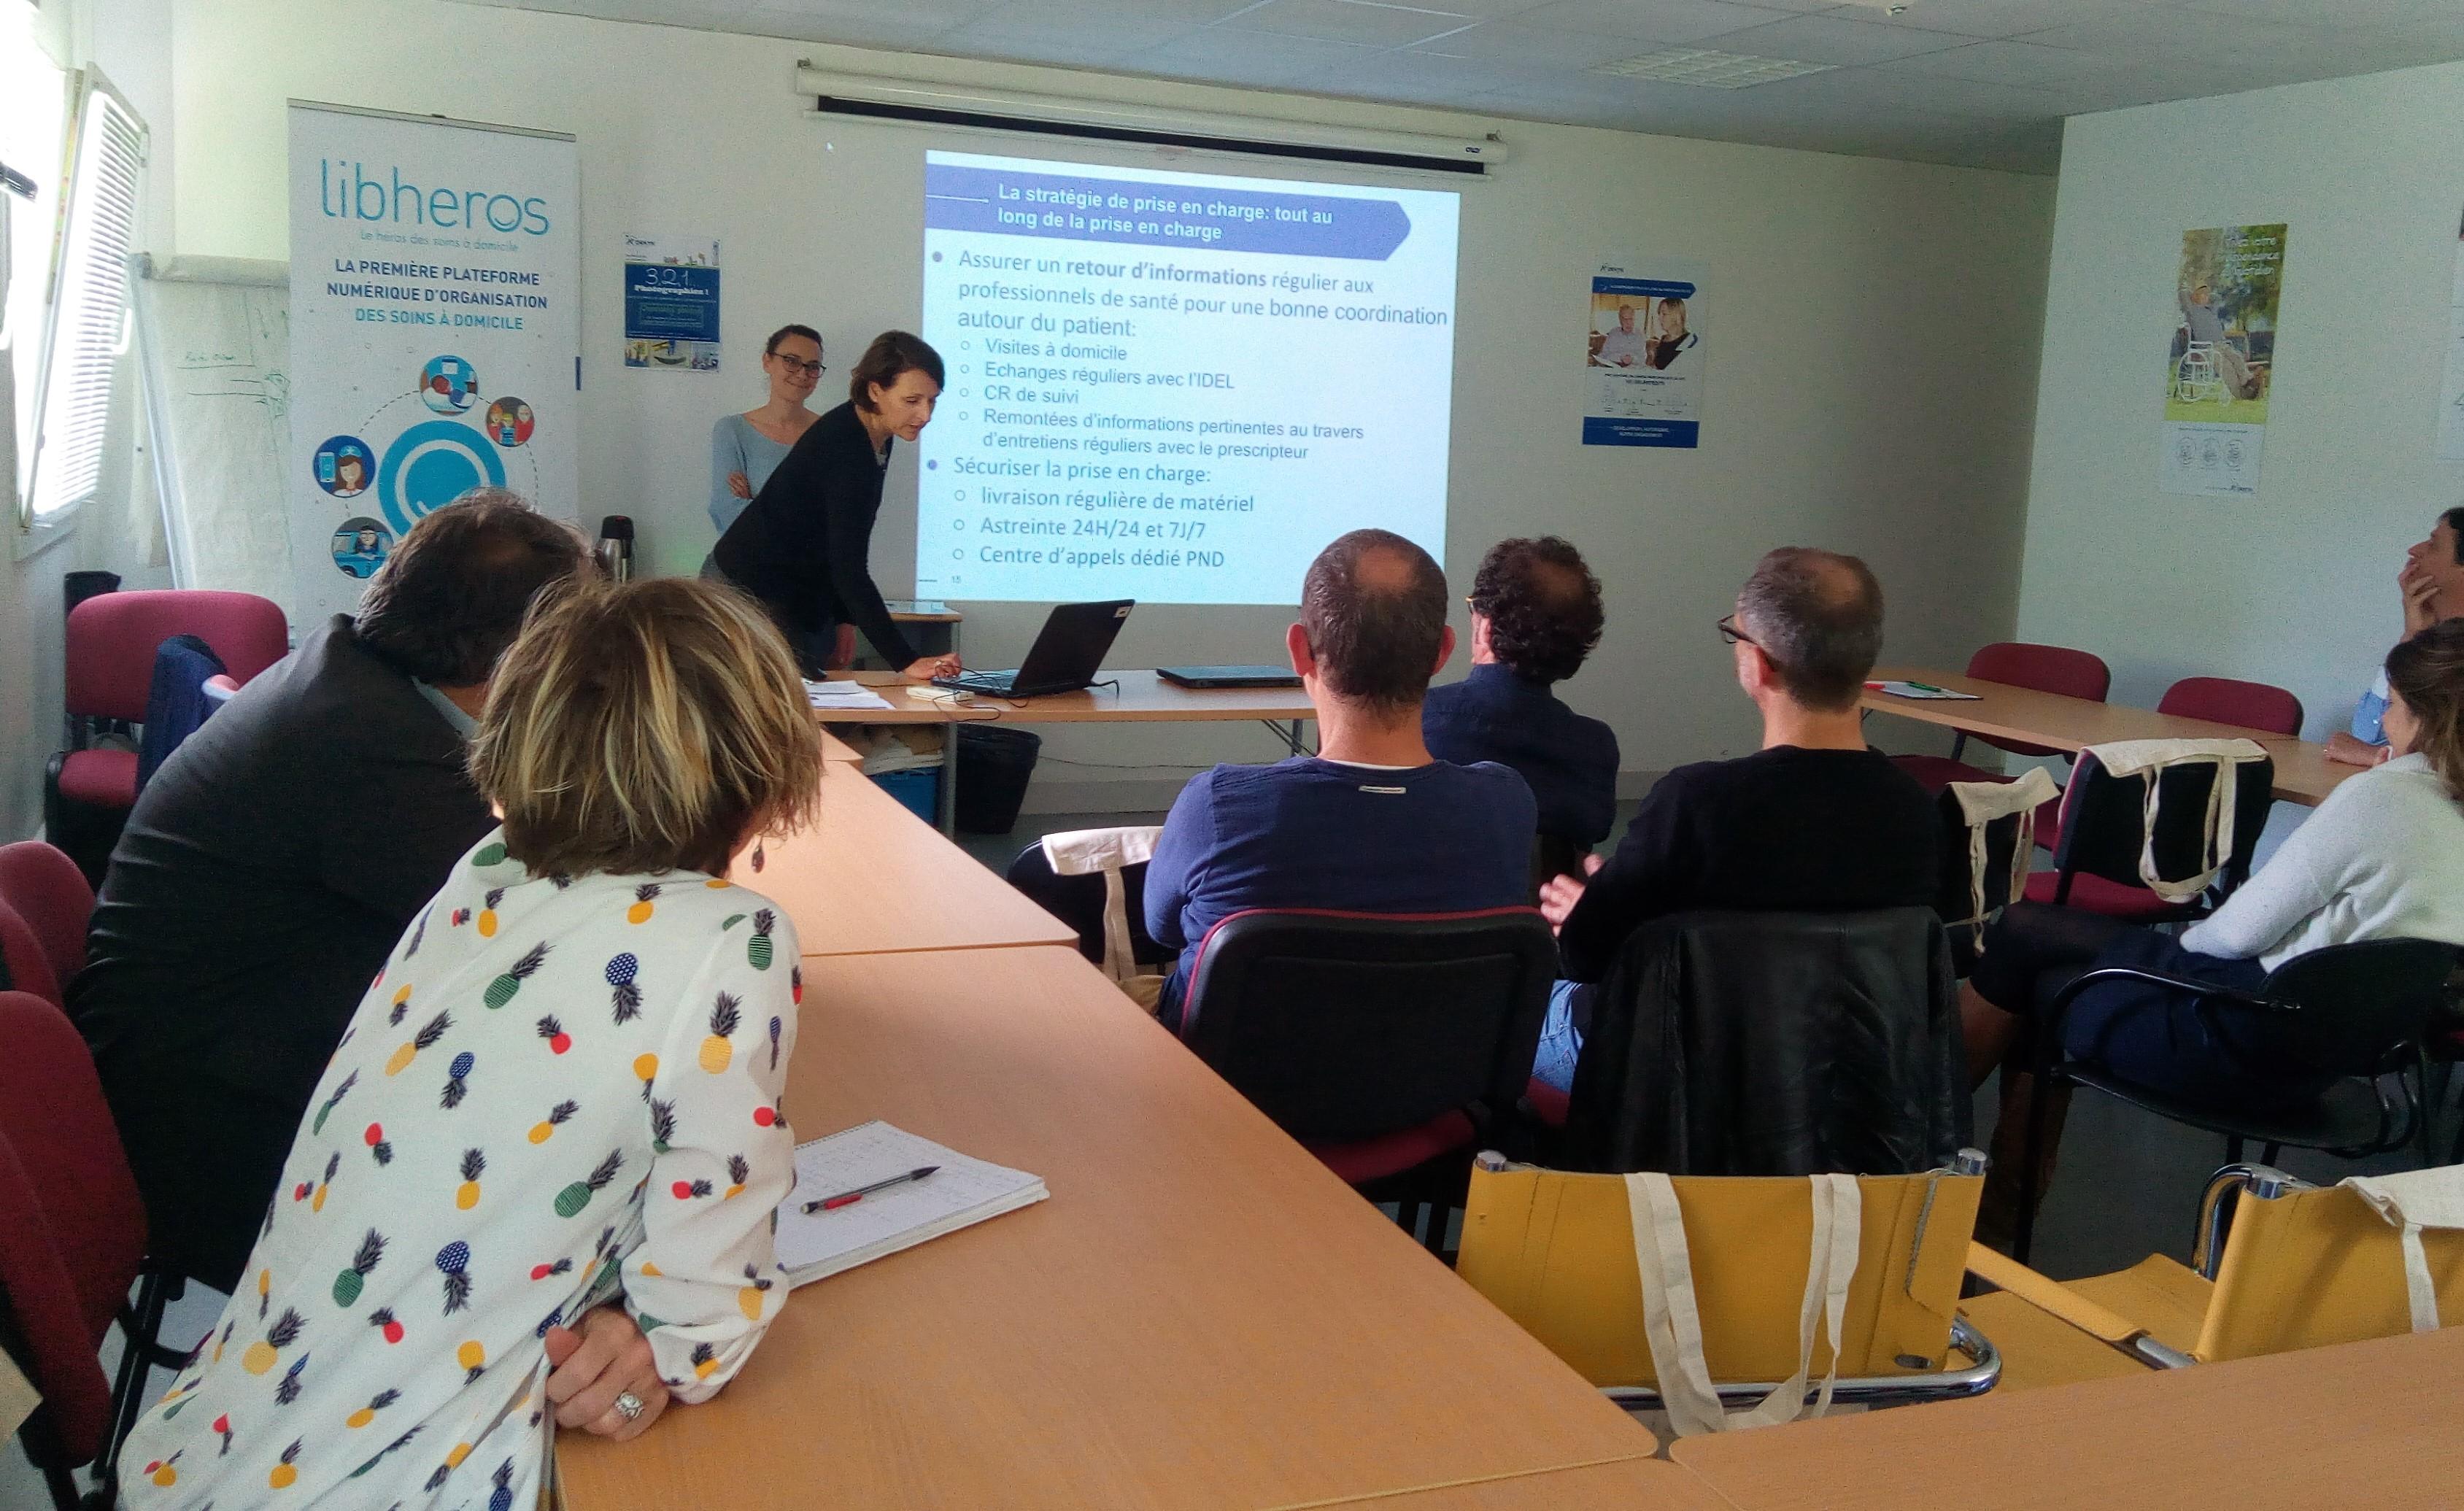 Rencontre entre ORKYN' et les infirmiers à Bordeaux